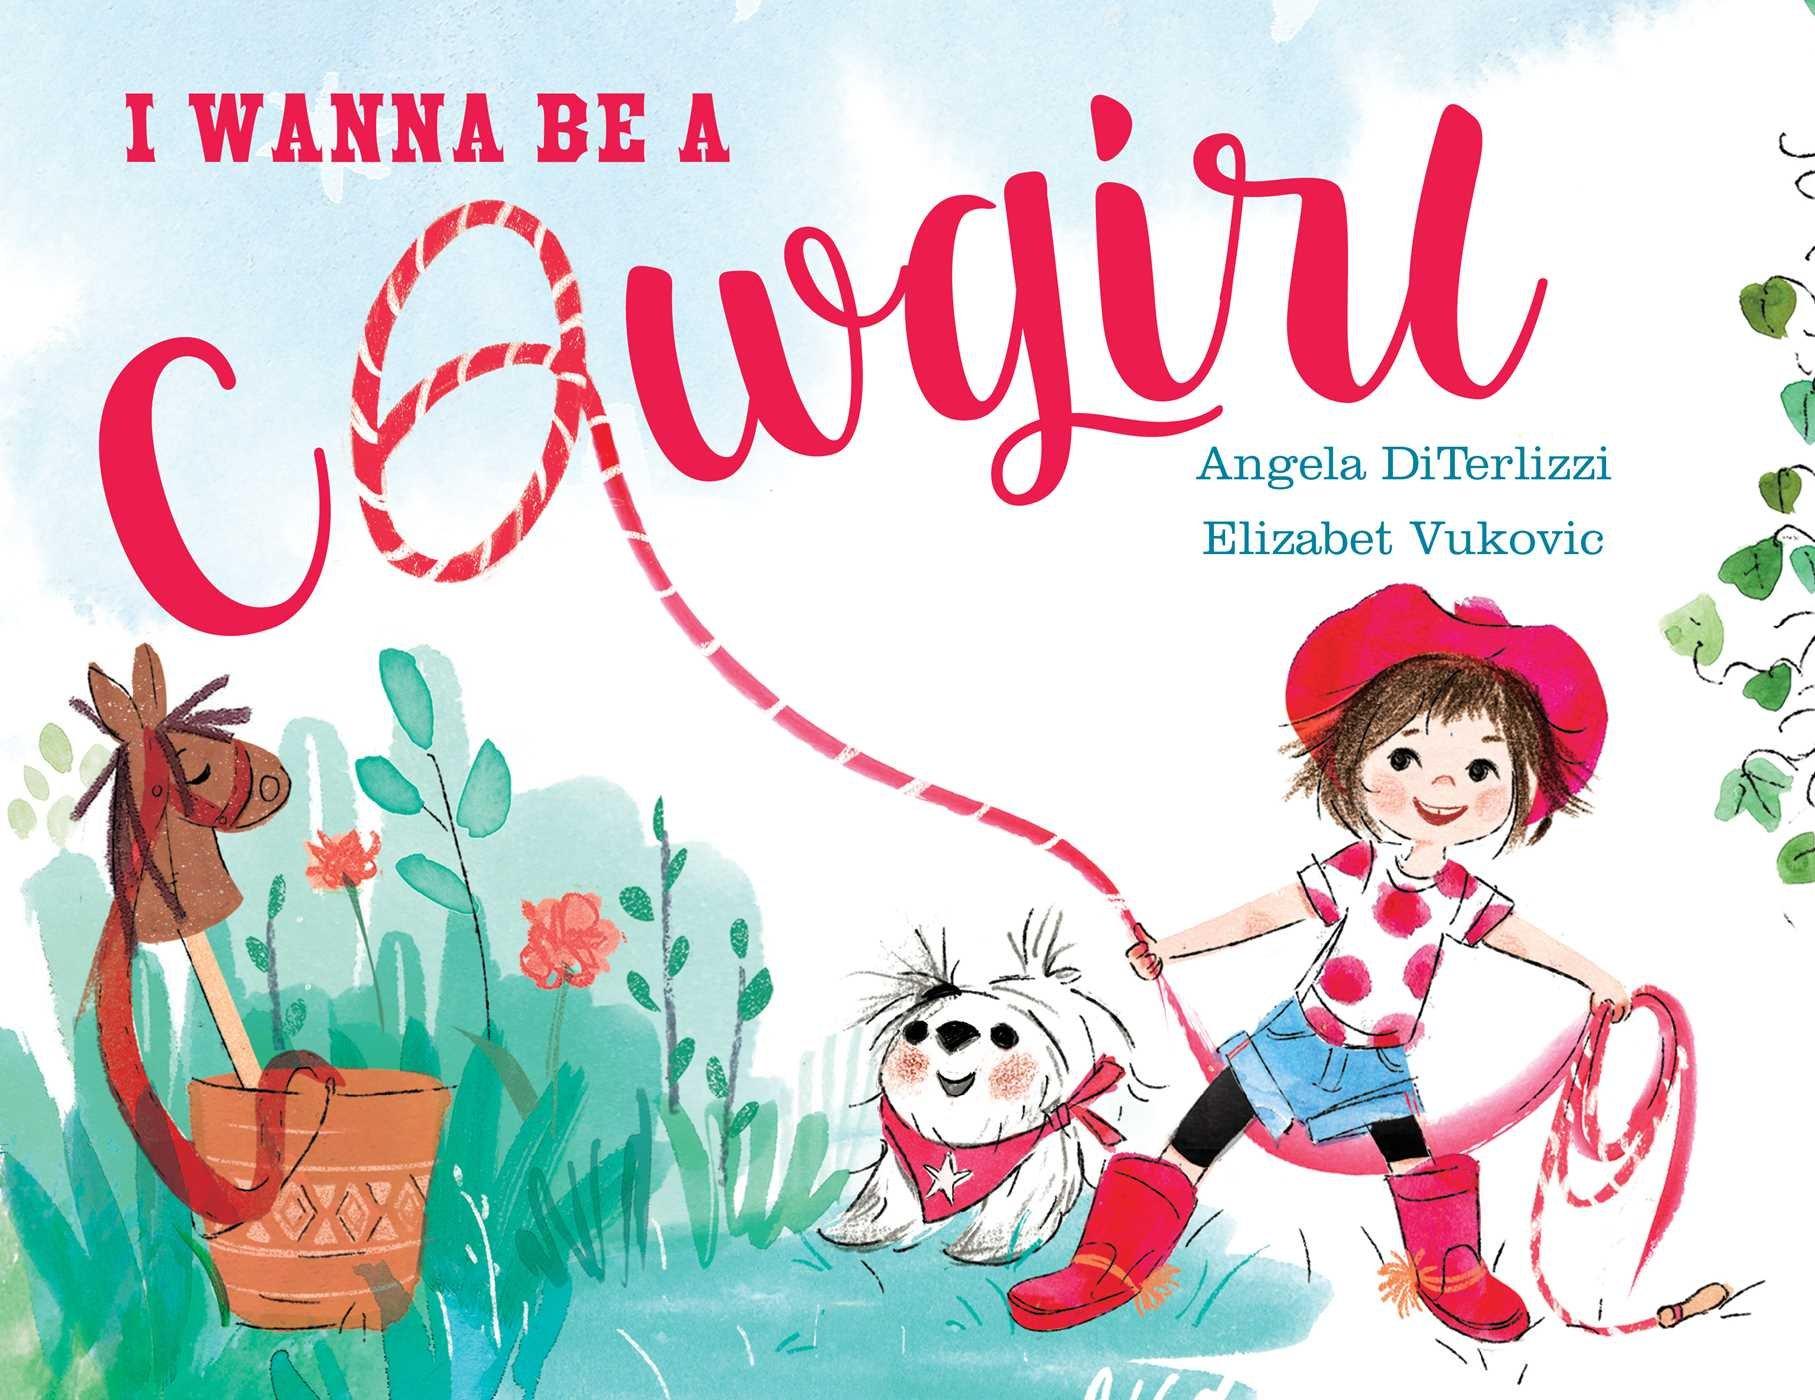 I Wanna Be a Cowgirl.jpg